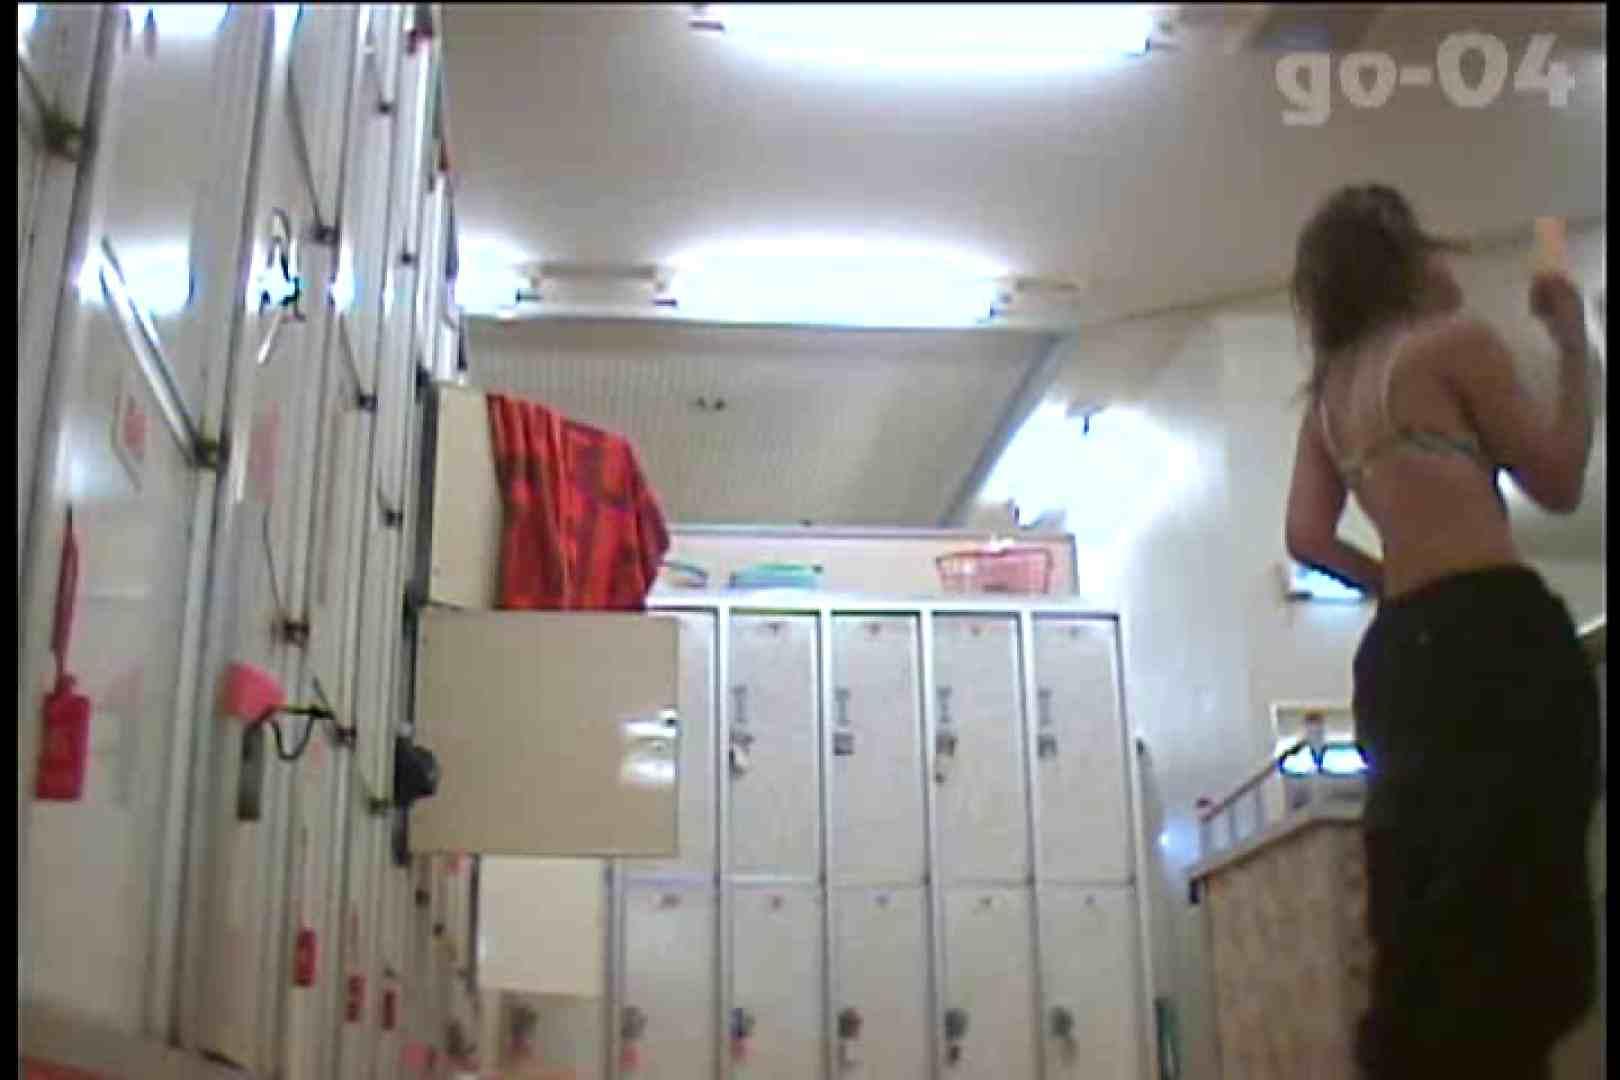 電波カメラ設置浴場からの防HAN映像 Vol.04 盗撮 盗撮動画紹介 102PIX 71